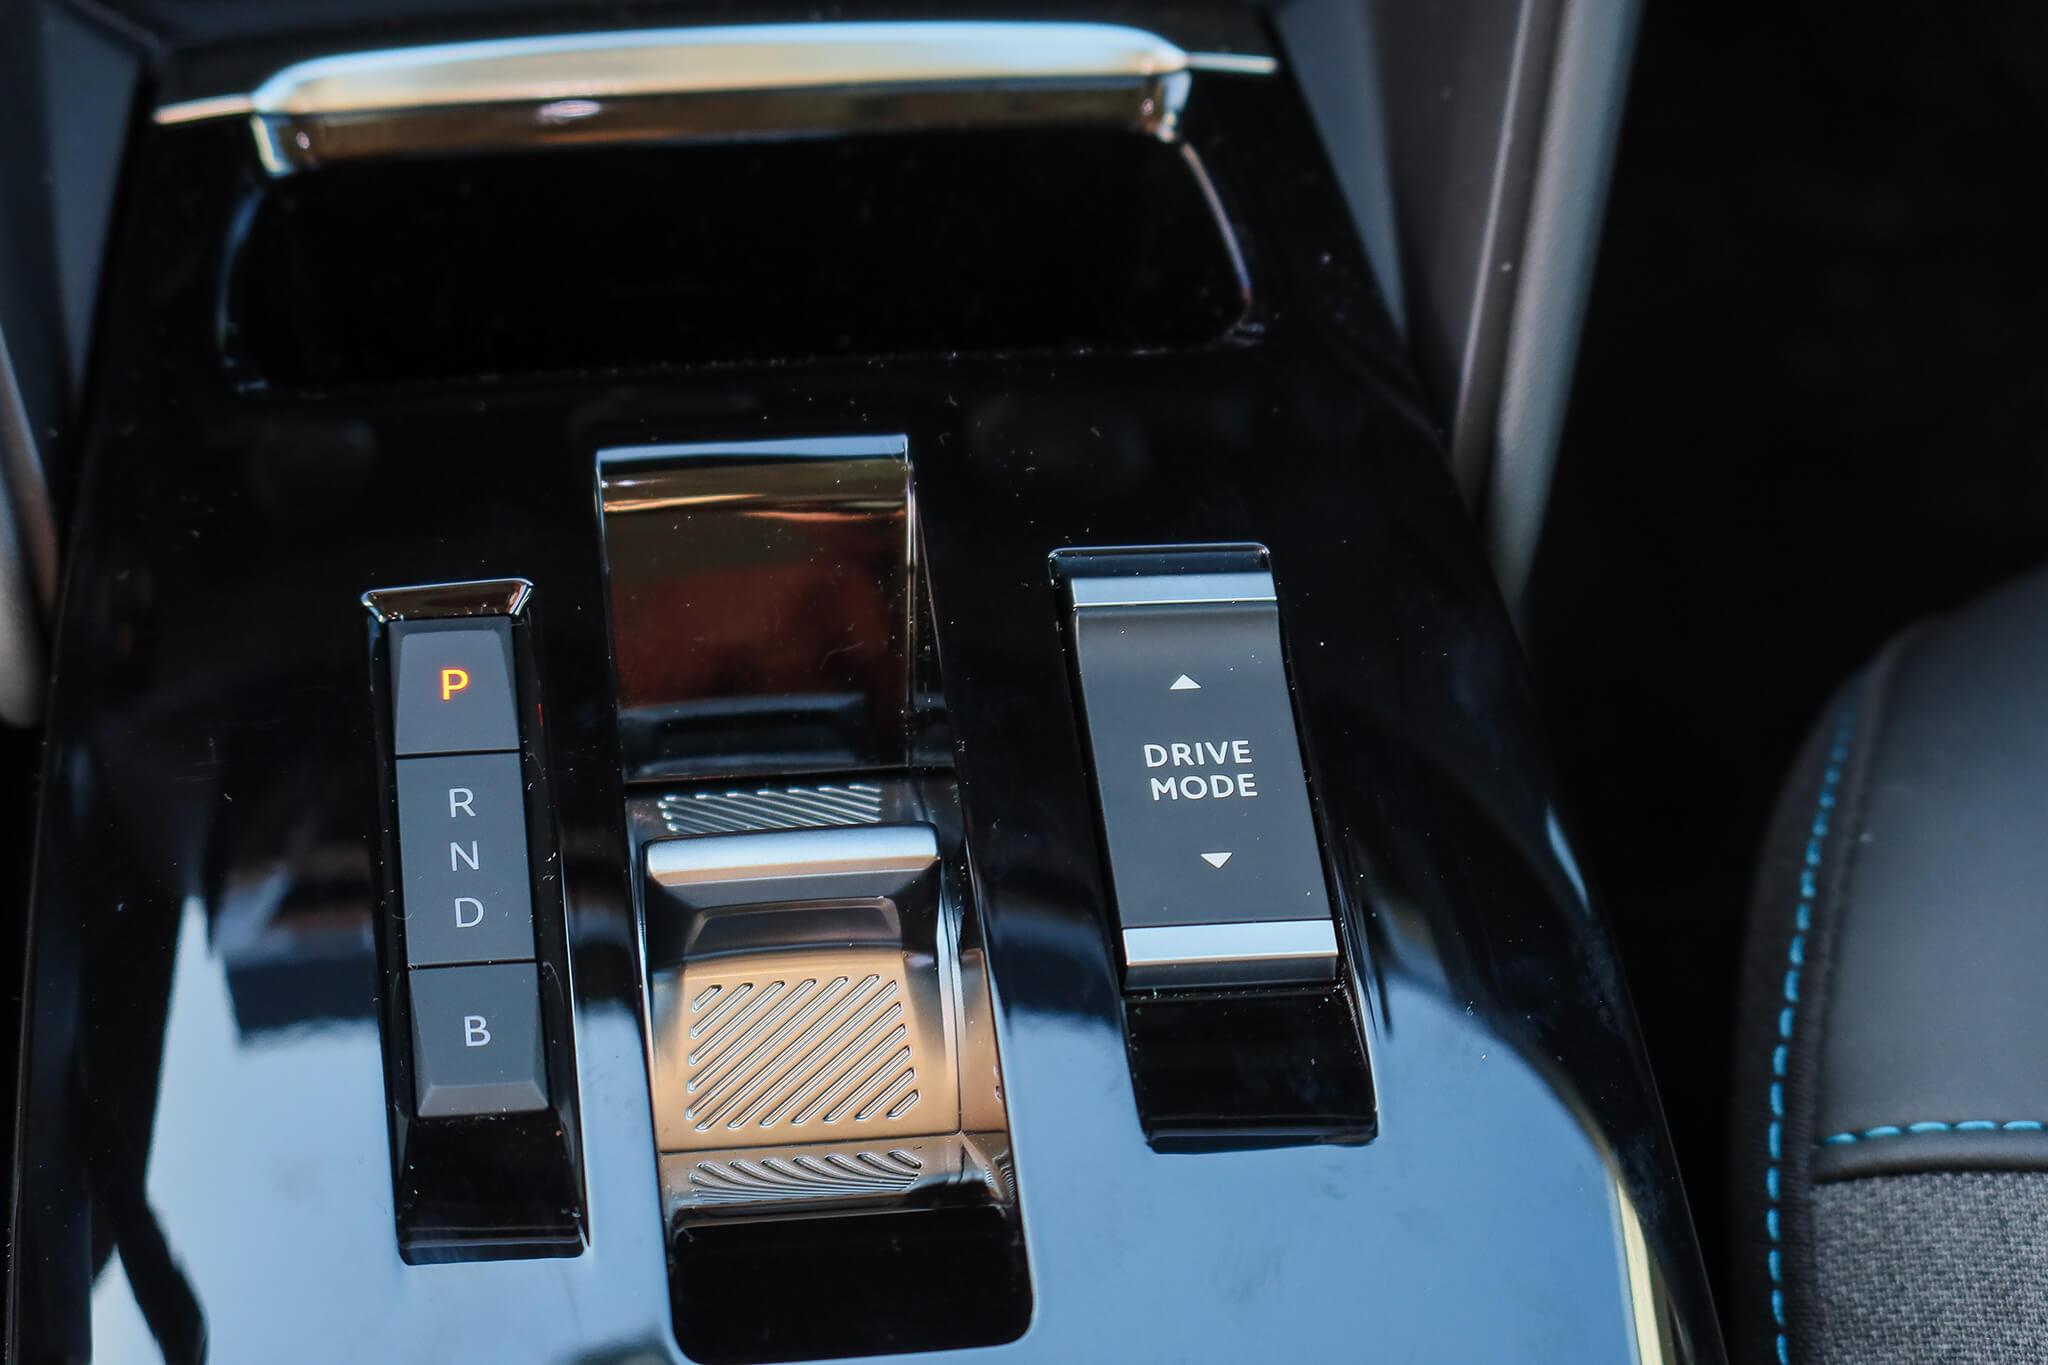 Consola central com seleção de relação e modos de condução